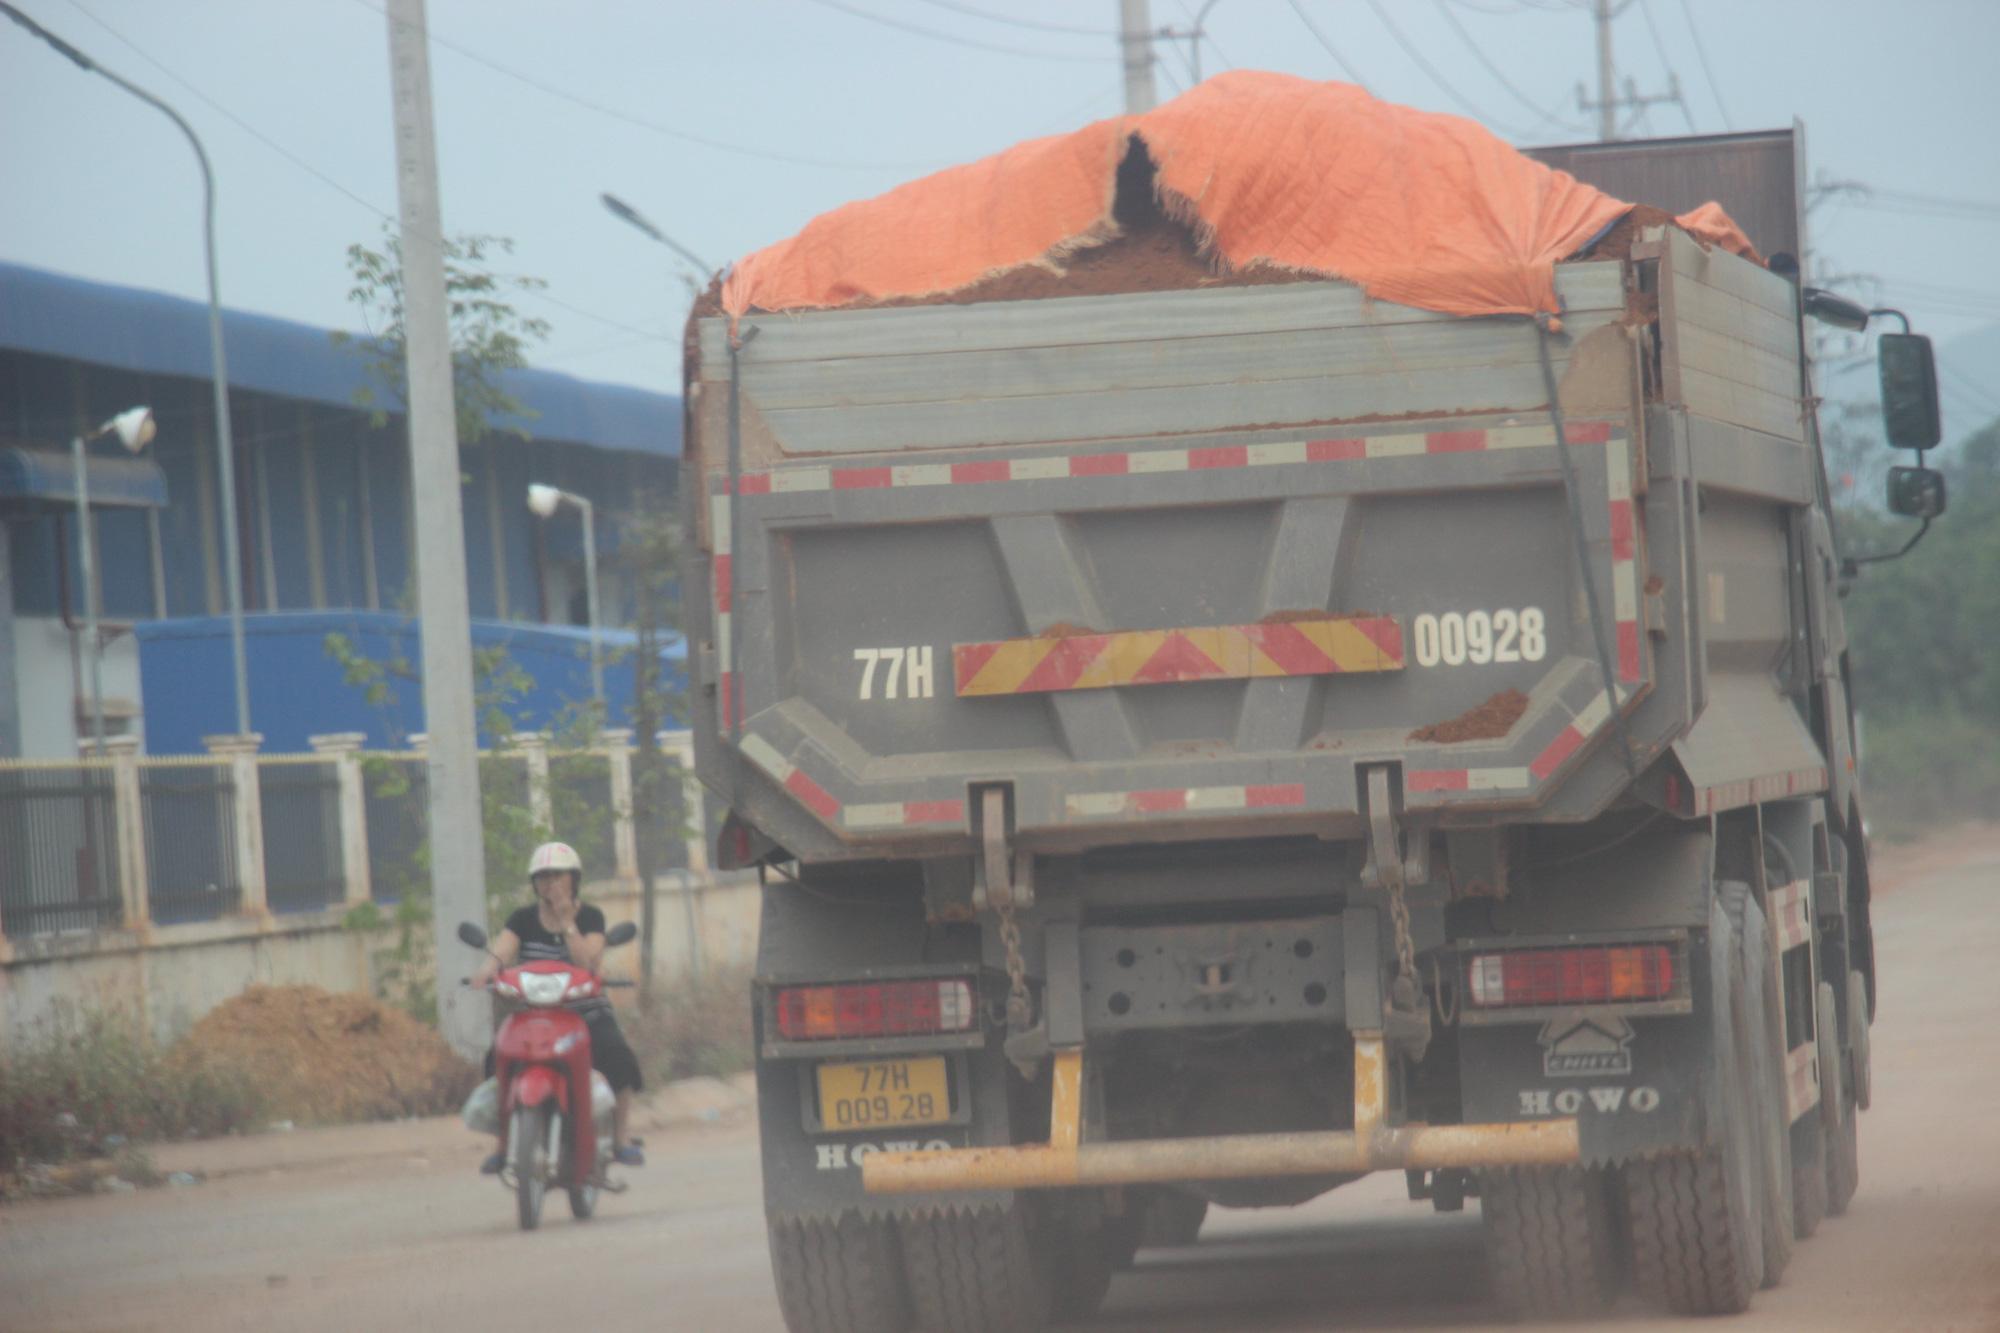 """Ảnh, Clip: Đoàn xe tải gắn logo Bá Sanh Đường """"tung hoành"""" ở Thị xã Hoài Nhơn, Bình Định - Ảnh 3."""